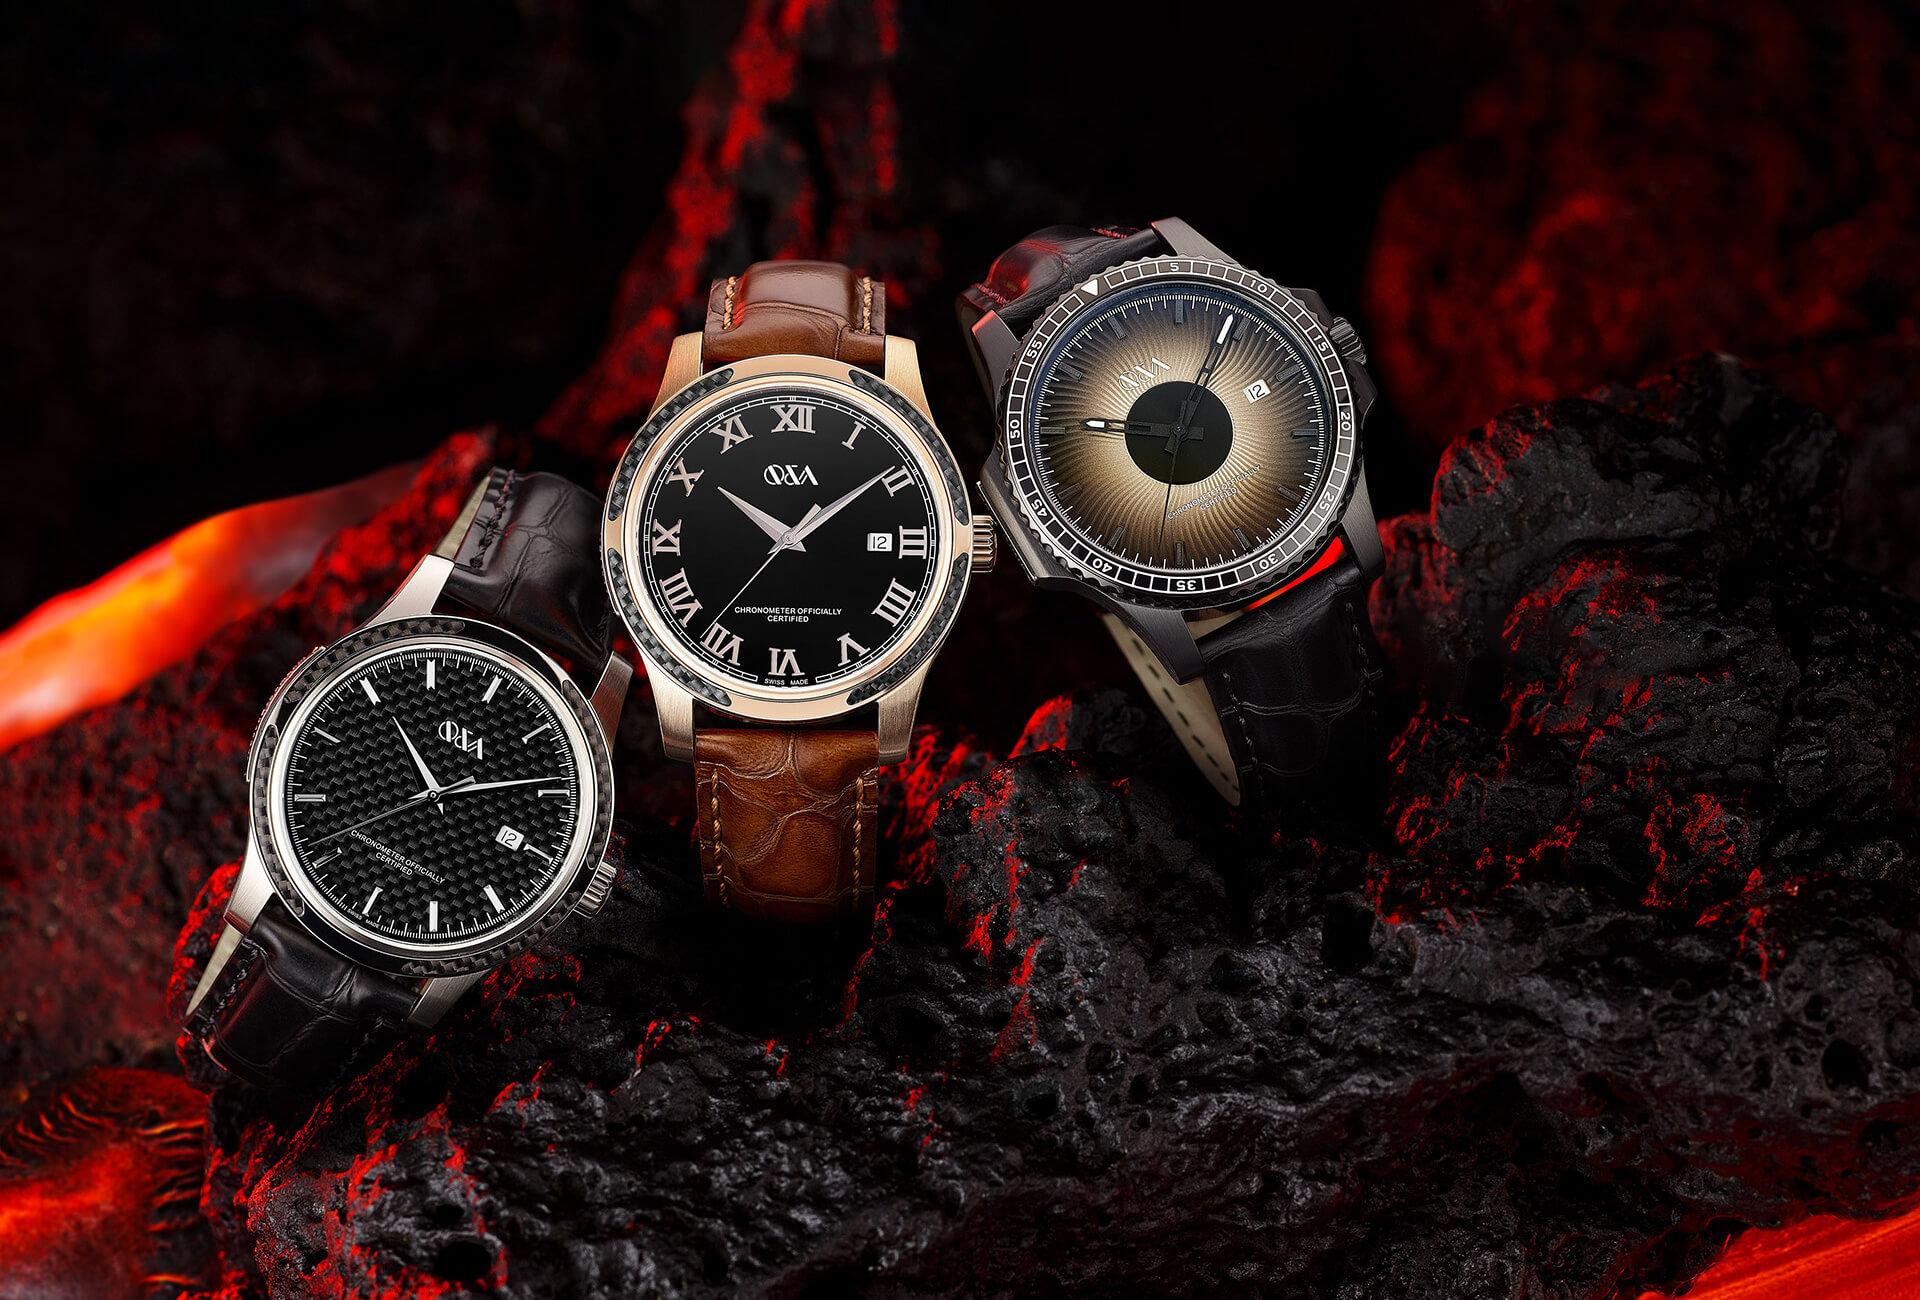 Arpa продать yvan часы стоимость киловатт в новосибирске в час